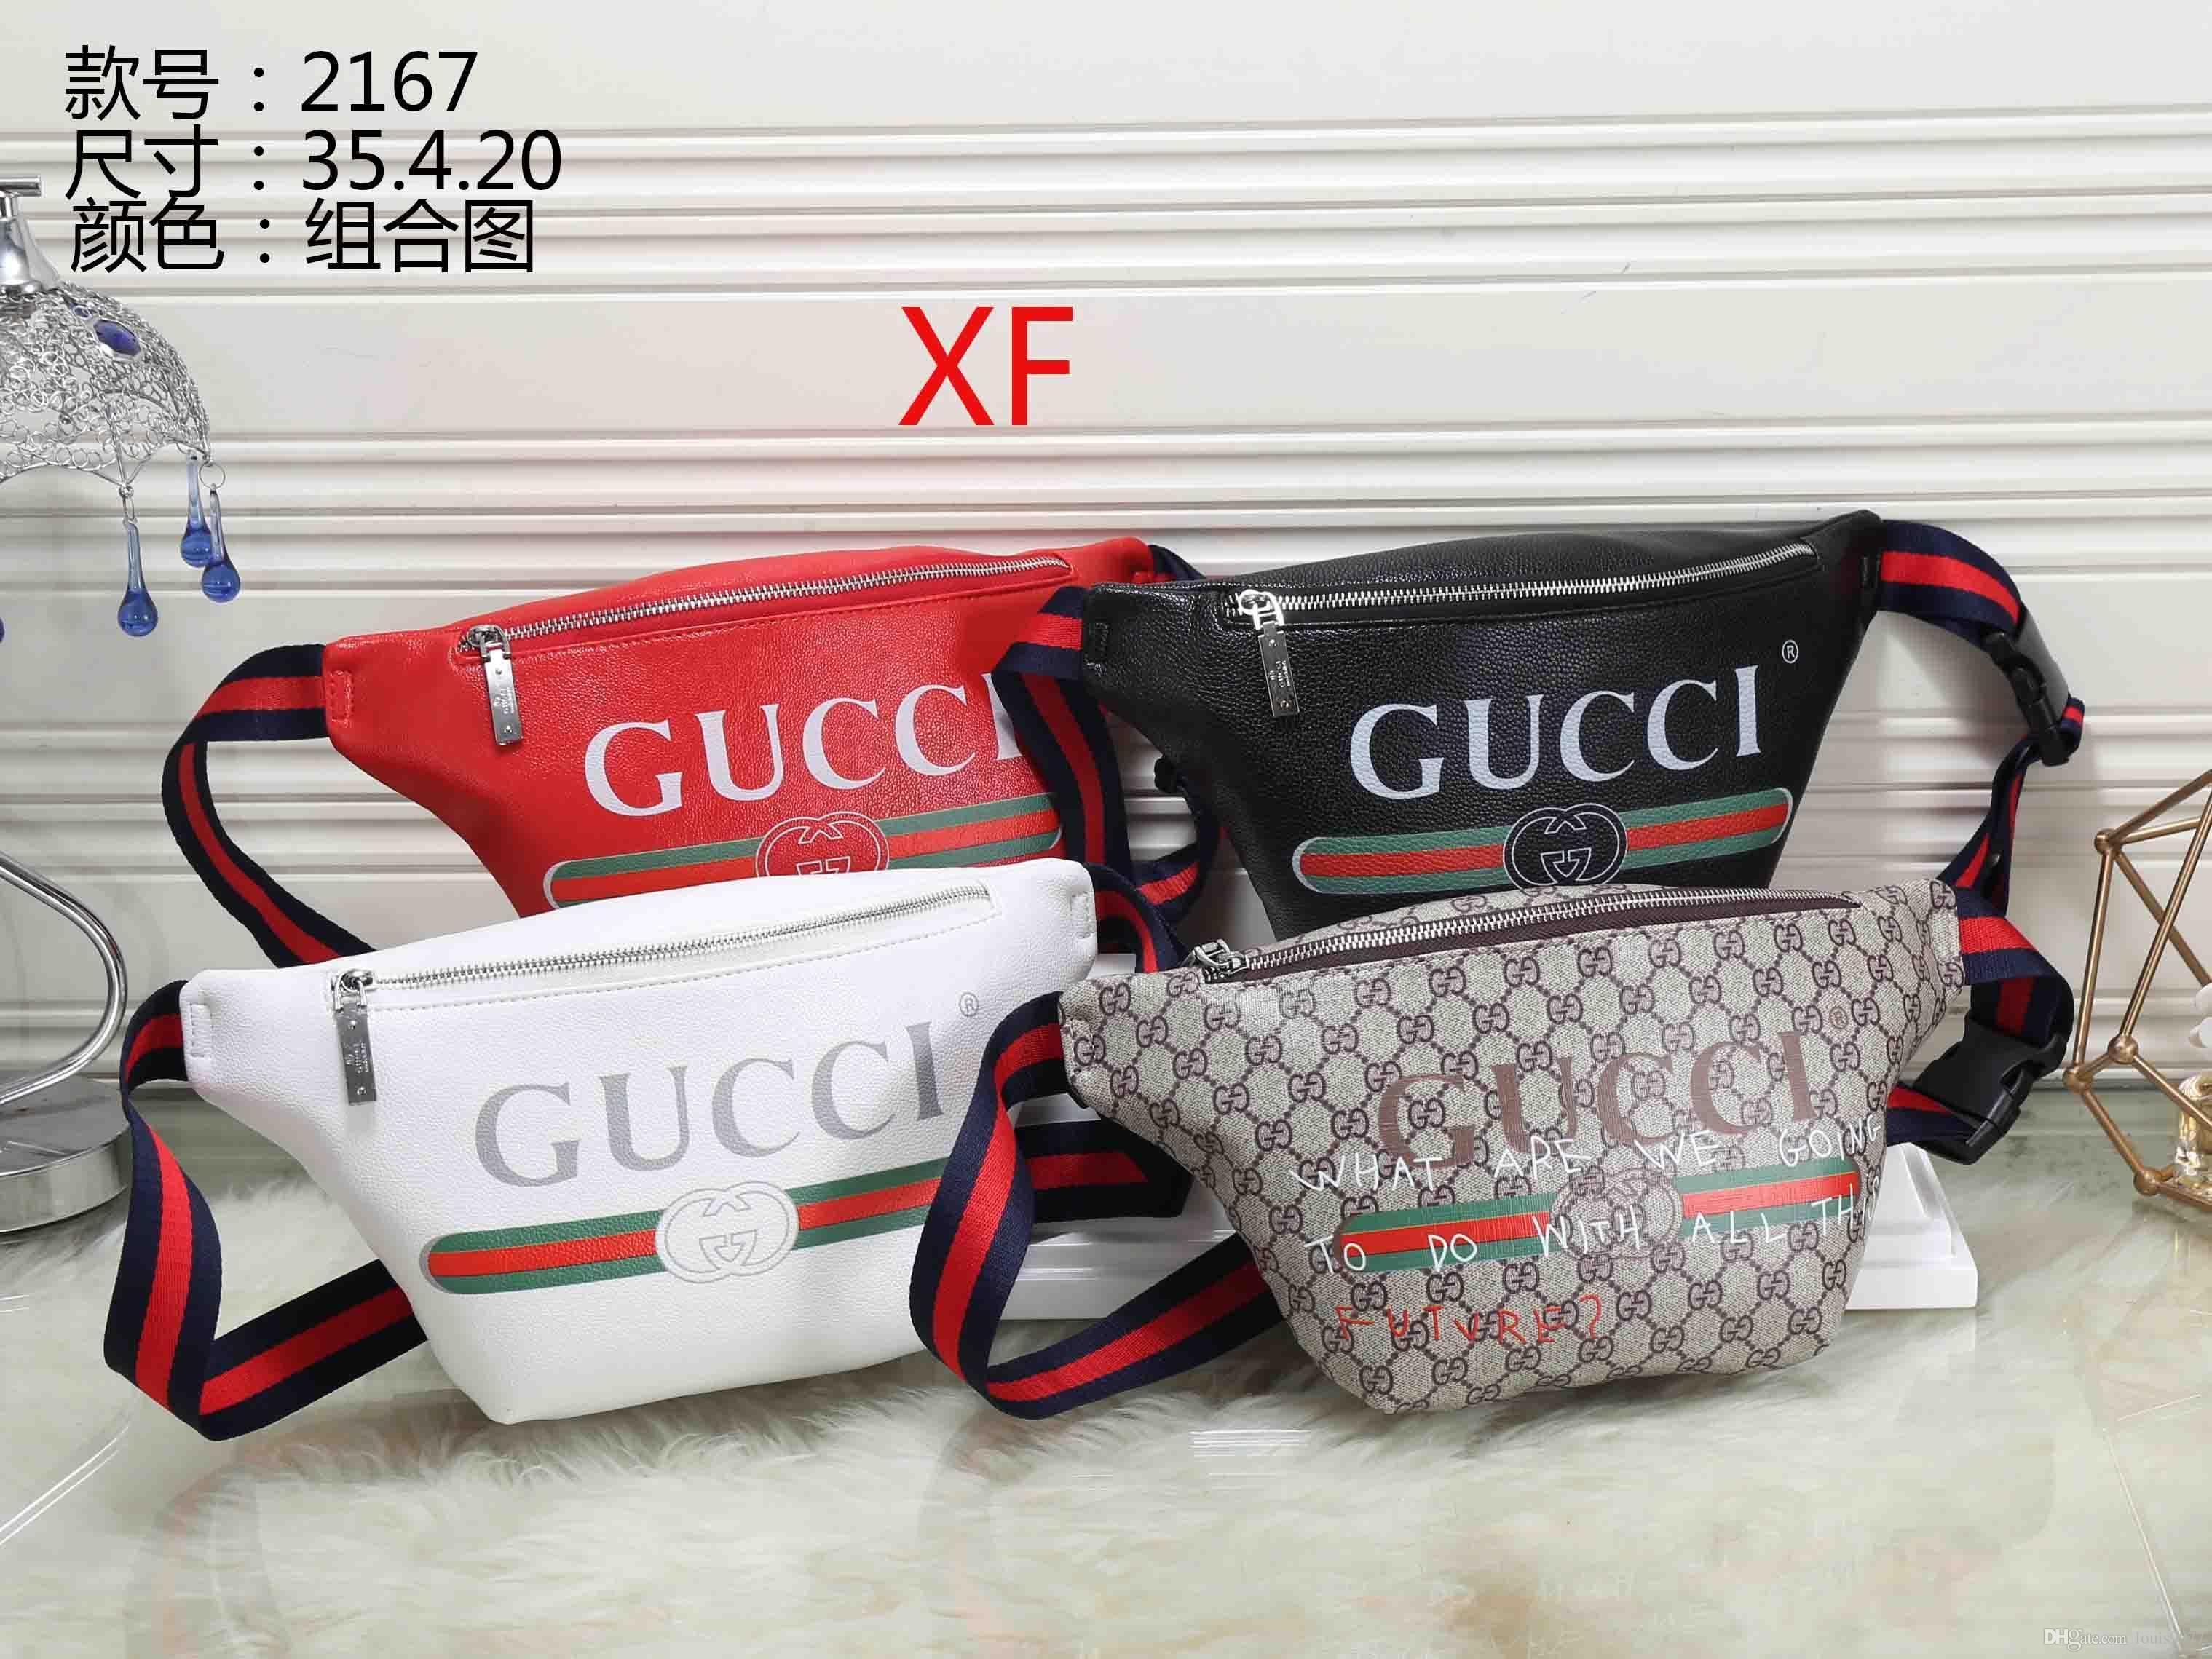 ace73766317c26 Großhandel 2019 Luxus Mini Handtasche Berühmte Designer Handtaschen Damen  Umhängetasche Bogen Frauen Tasche Schwarz Strandtaschen Frauen Desginer  Taschen ...